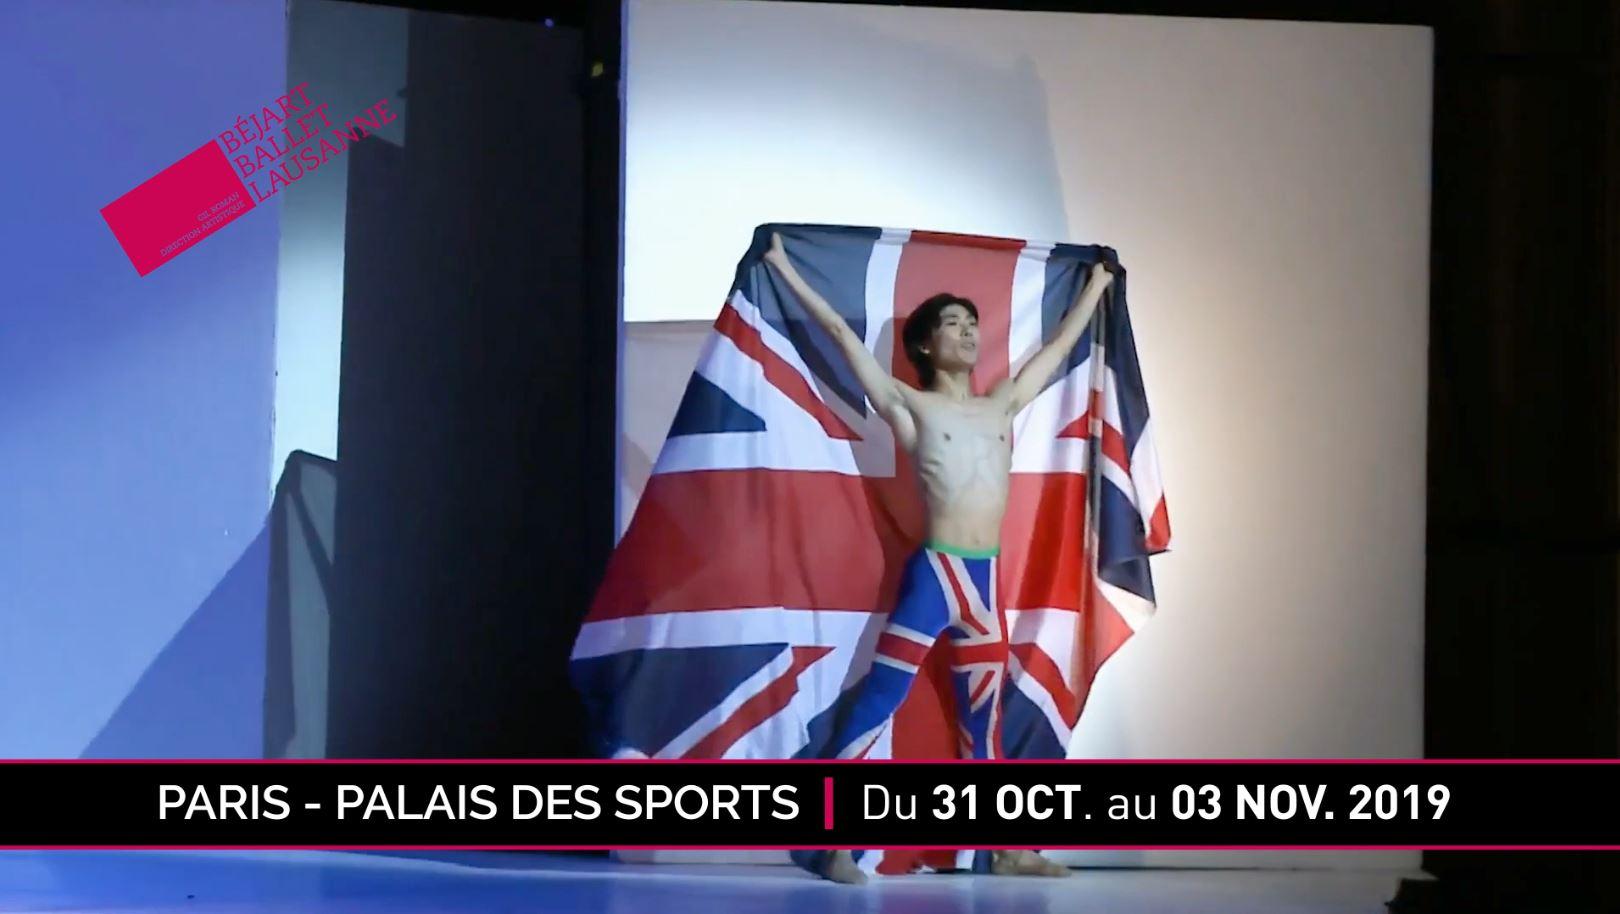 realisation d'un spot tv pour la campagne medias du bejart ballet lausanne arimedias est une agence sécialisée dans la réalisation de publicité tv